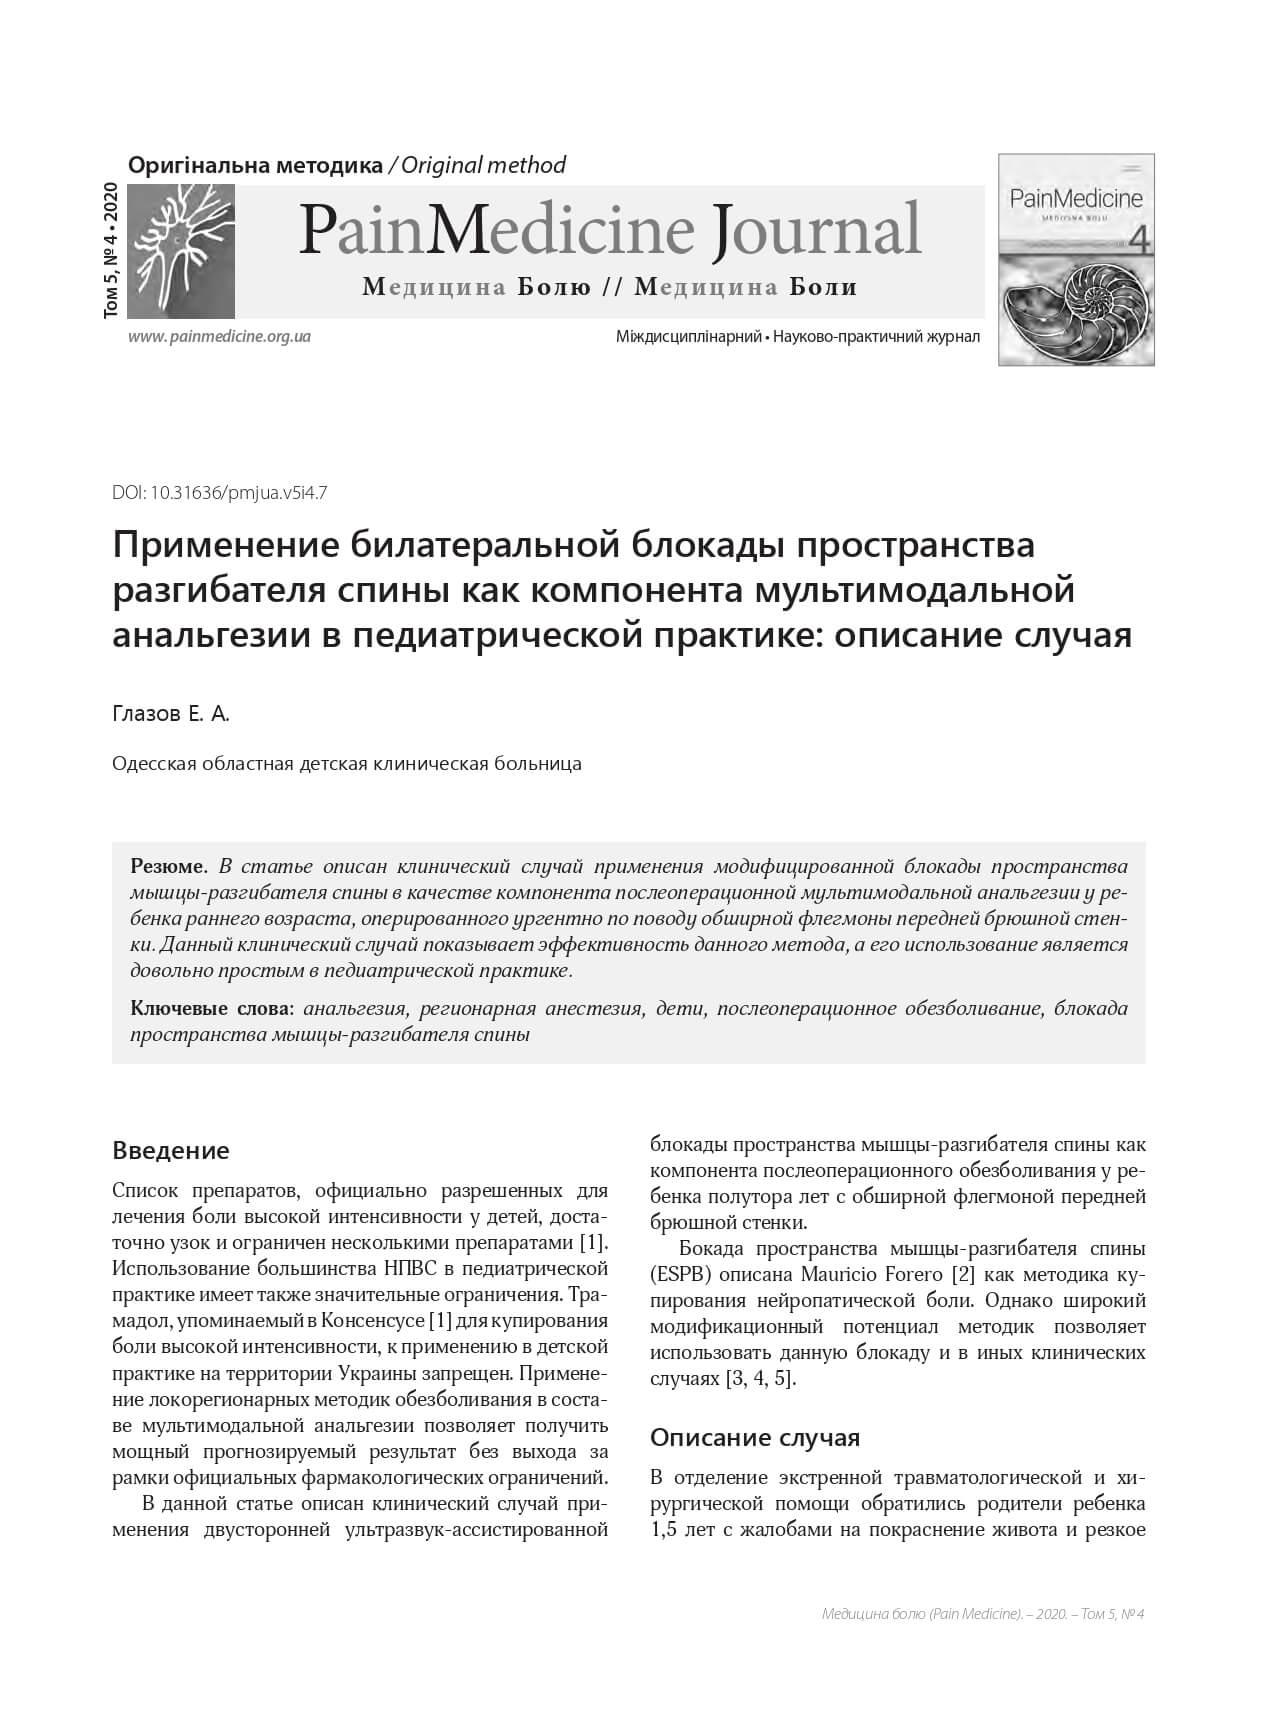 Применение билатеральной блокады пространства разгибателя спины как компонента мультимодальной анальгезии в педиатрической практике: описание случая